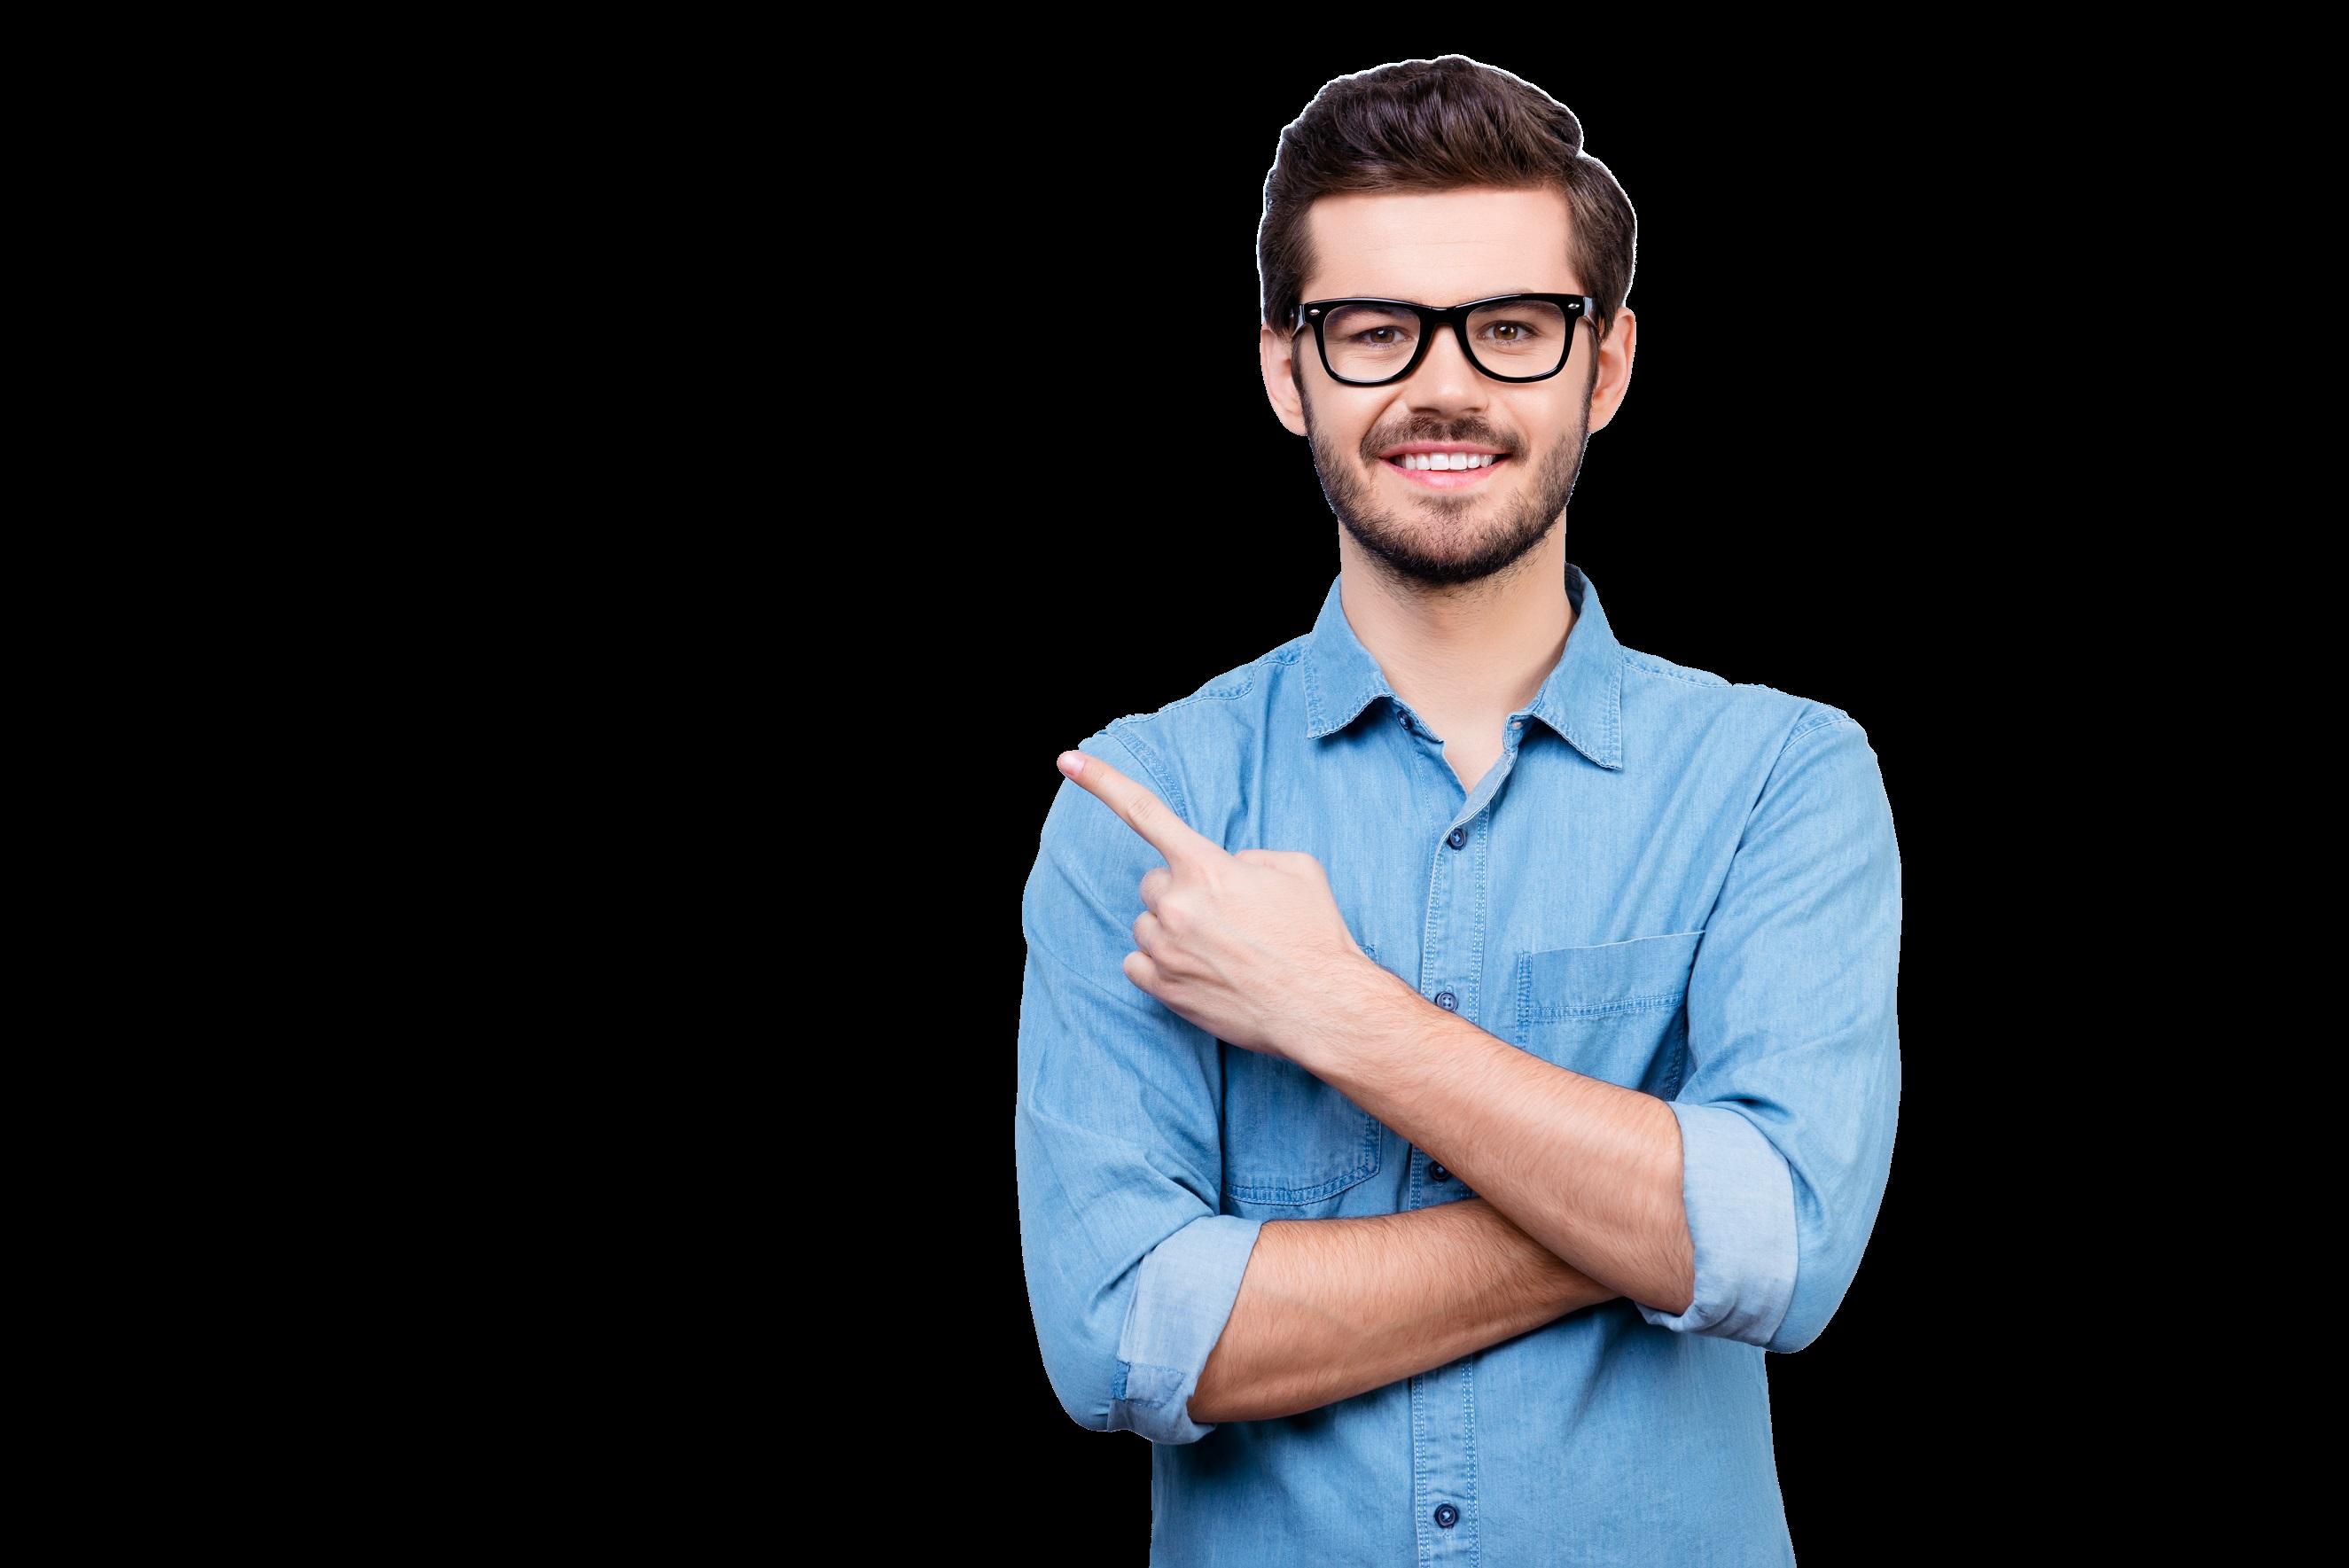 SEM Agentur Marketing und Werbeagentur